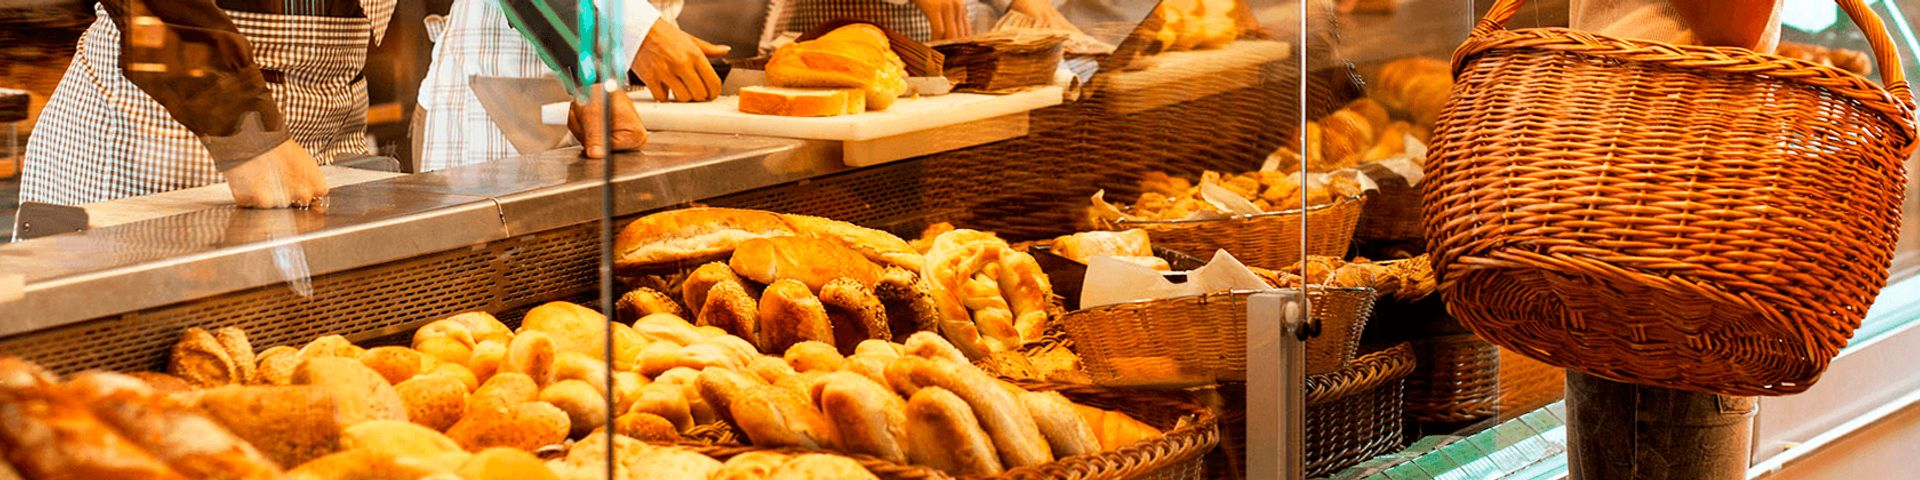 Comercio en Panaderías